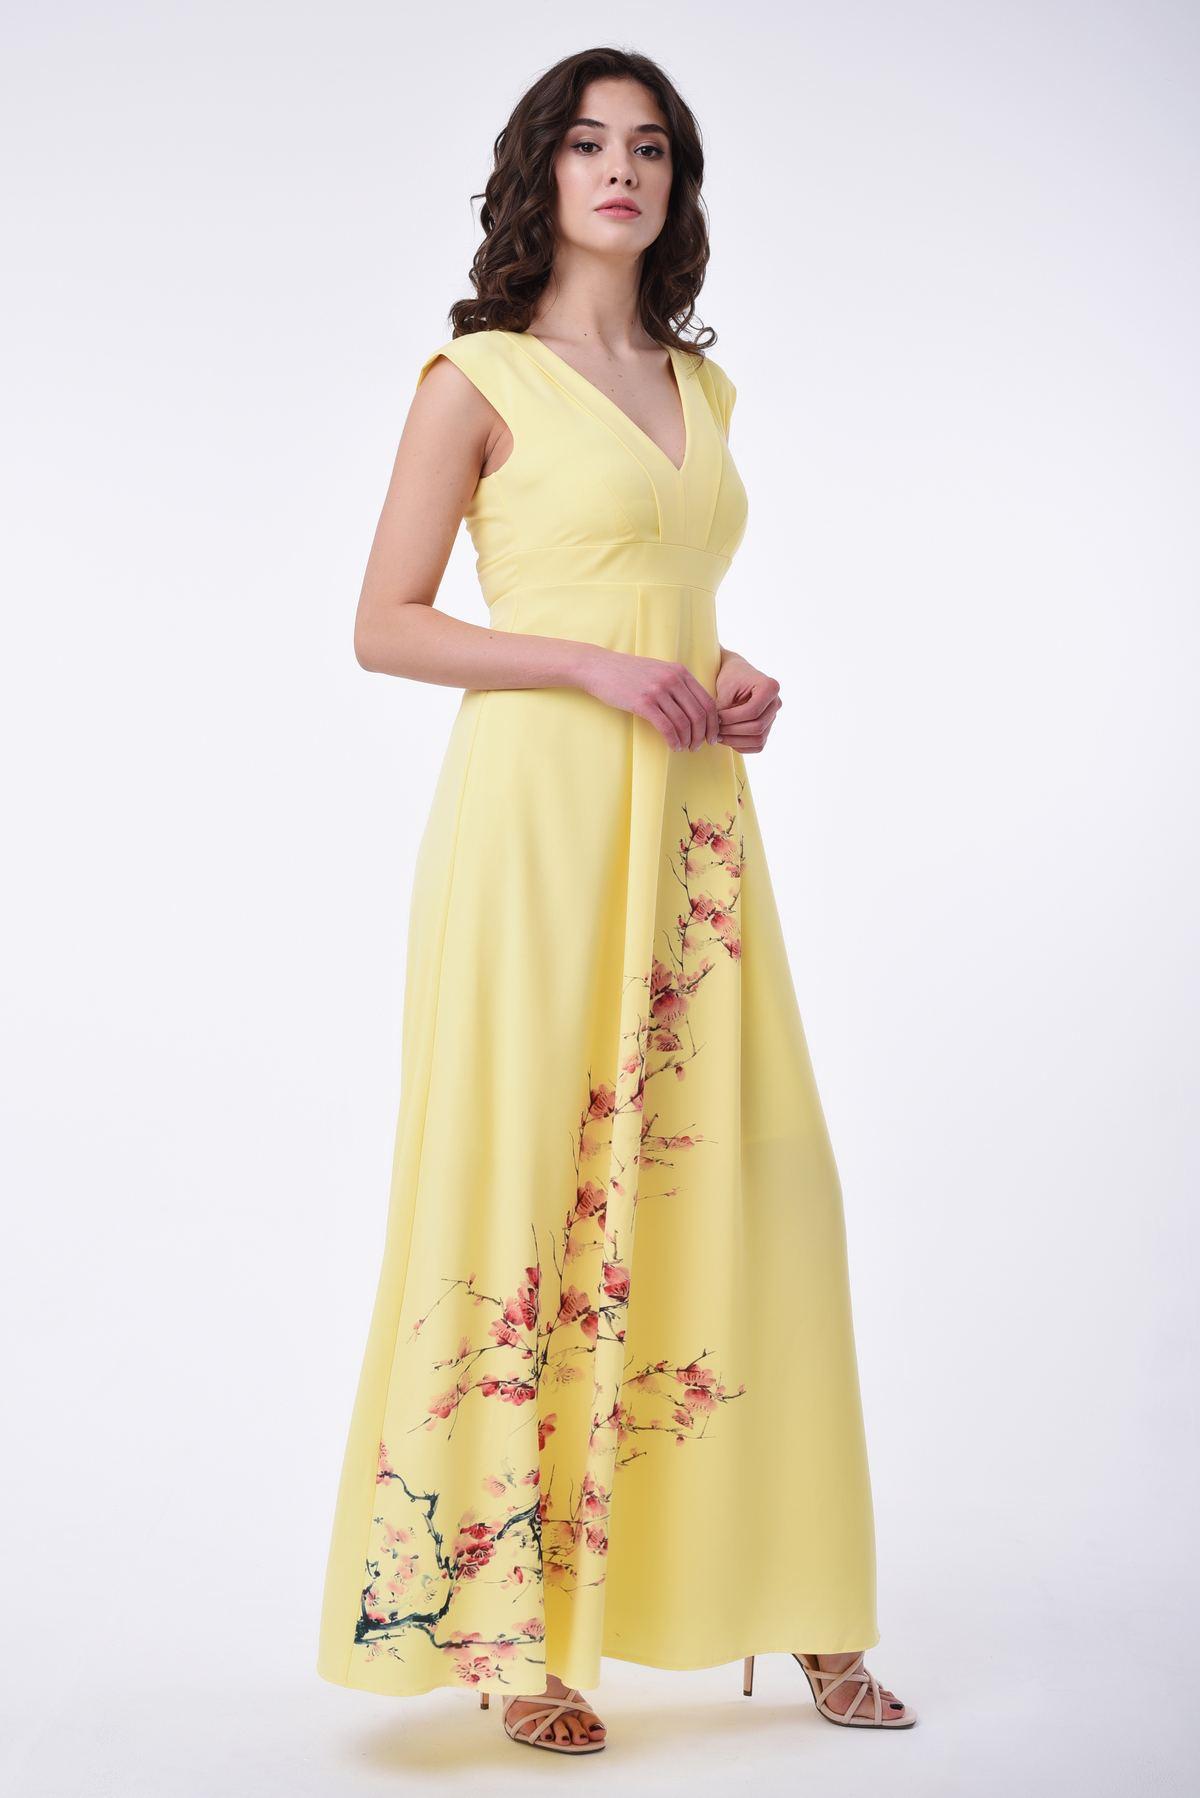 958a1255869 Длинное летнее платье-сарафан с принтом